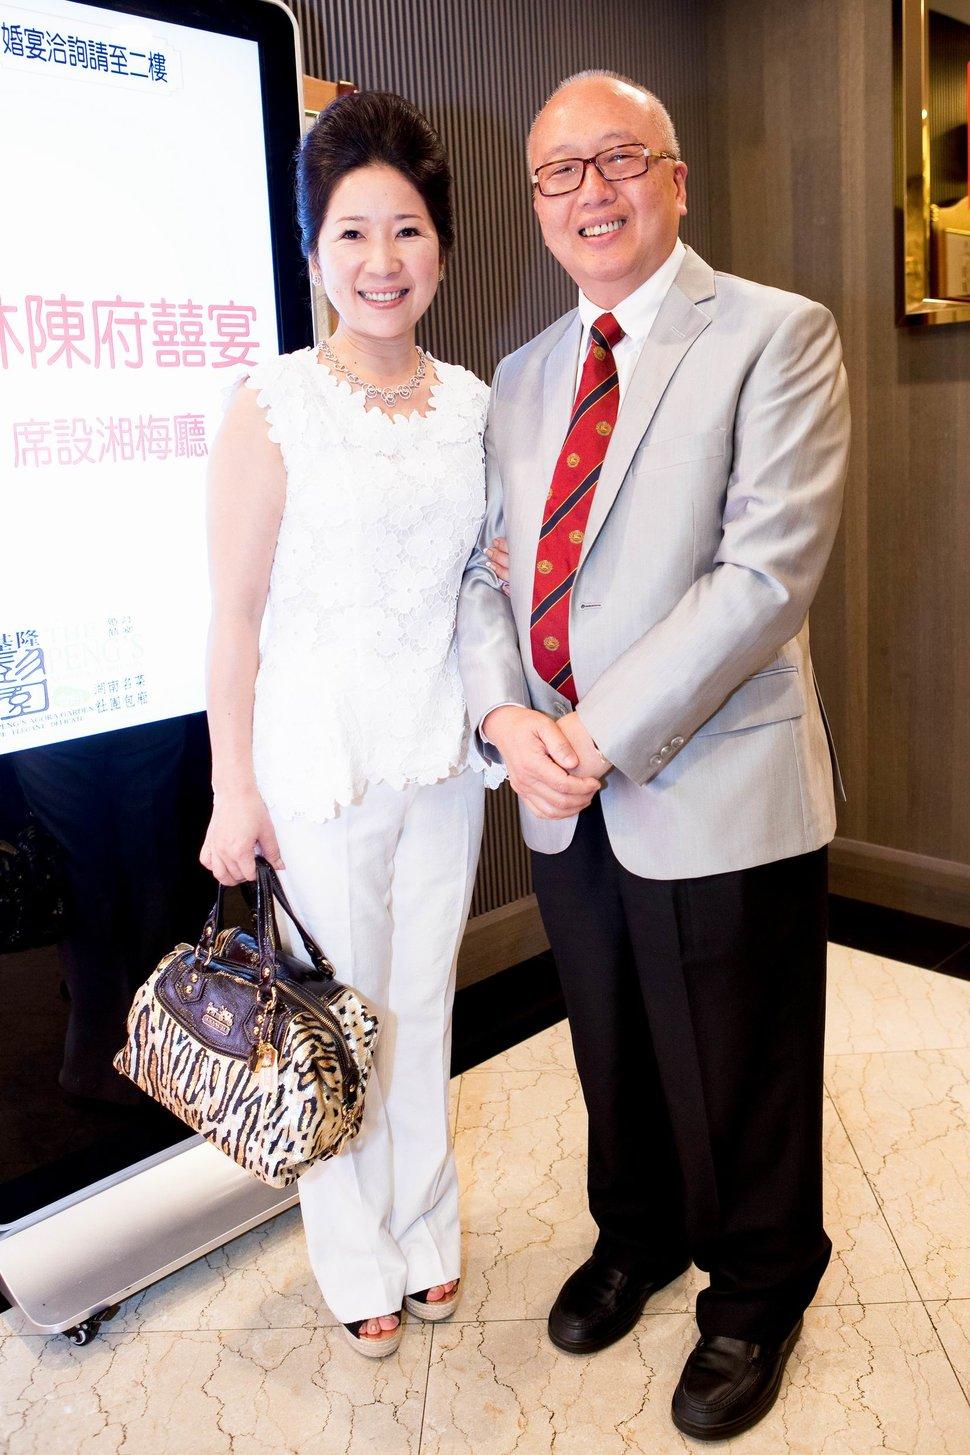 長榮桂冠酒店彭園會館婚禮記錄專業錄影平面攝影(編號:195183) - 蜜月拍照10800錄影12800攝影團隊 - 結婚吧